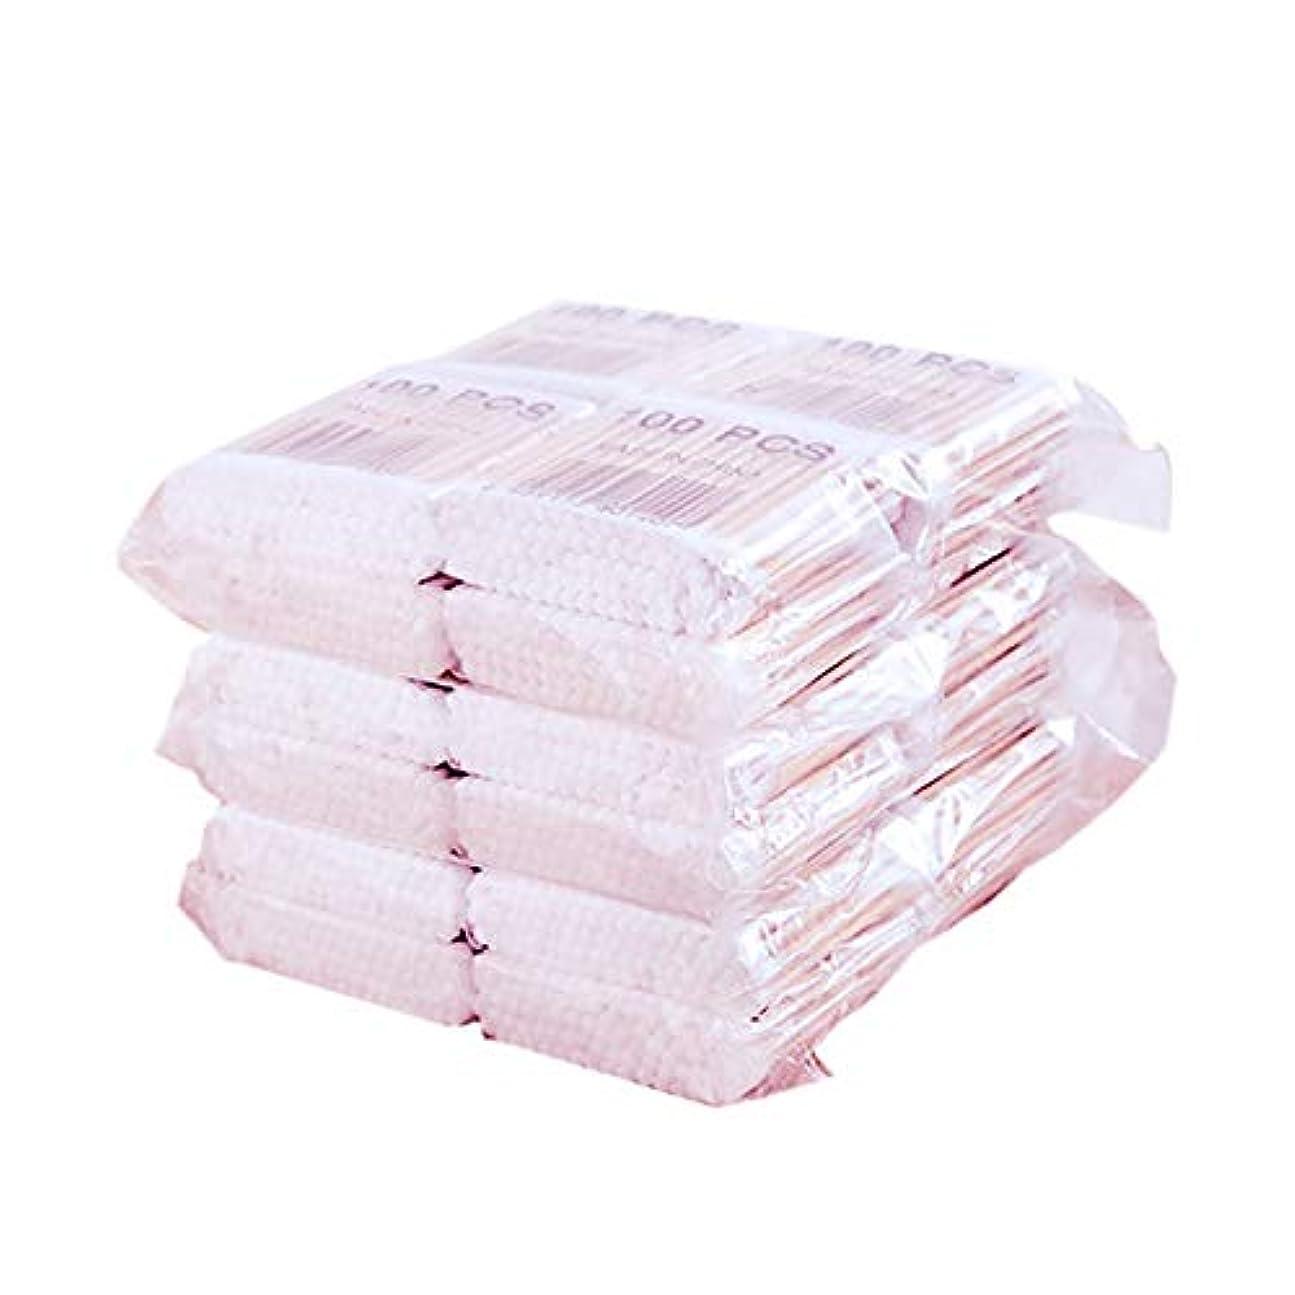 テレマコス乳剤ひそかにTOOGOO 800個/パック使い捨て綿棒 竹綿つぼみ綿棒メディカルイヤークリーニングウッドスティック 化粧健康ツール タンポン